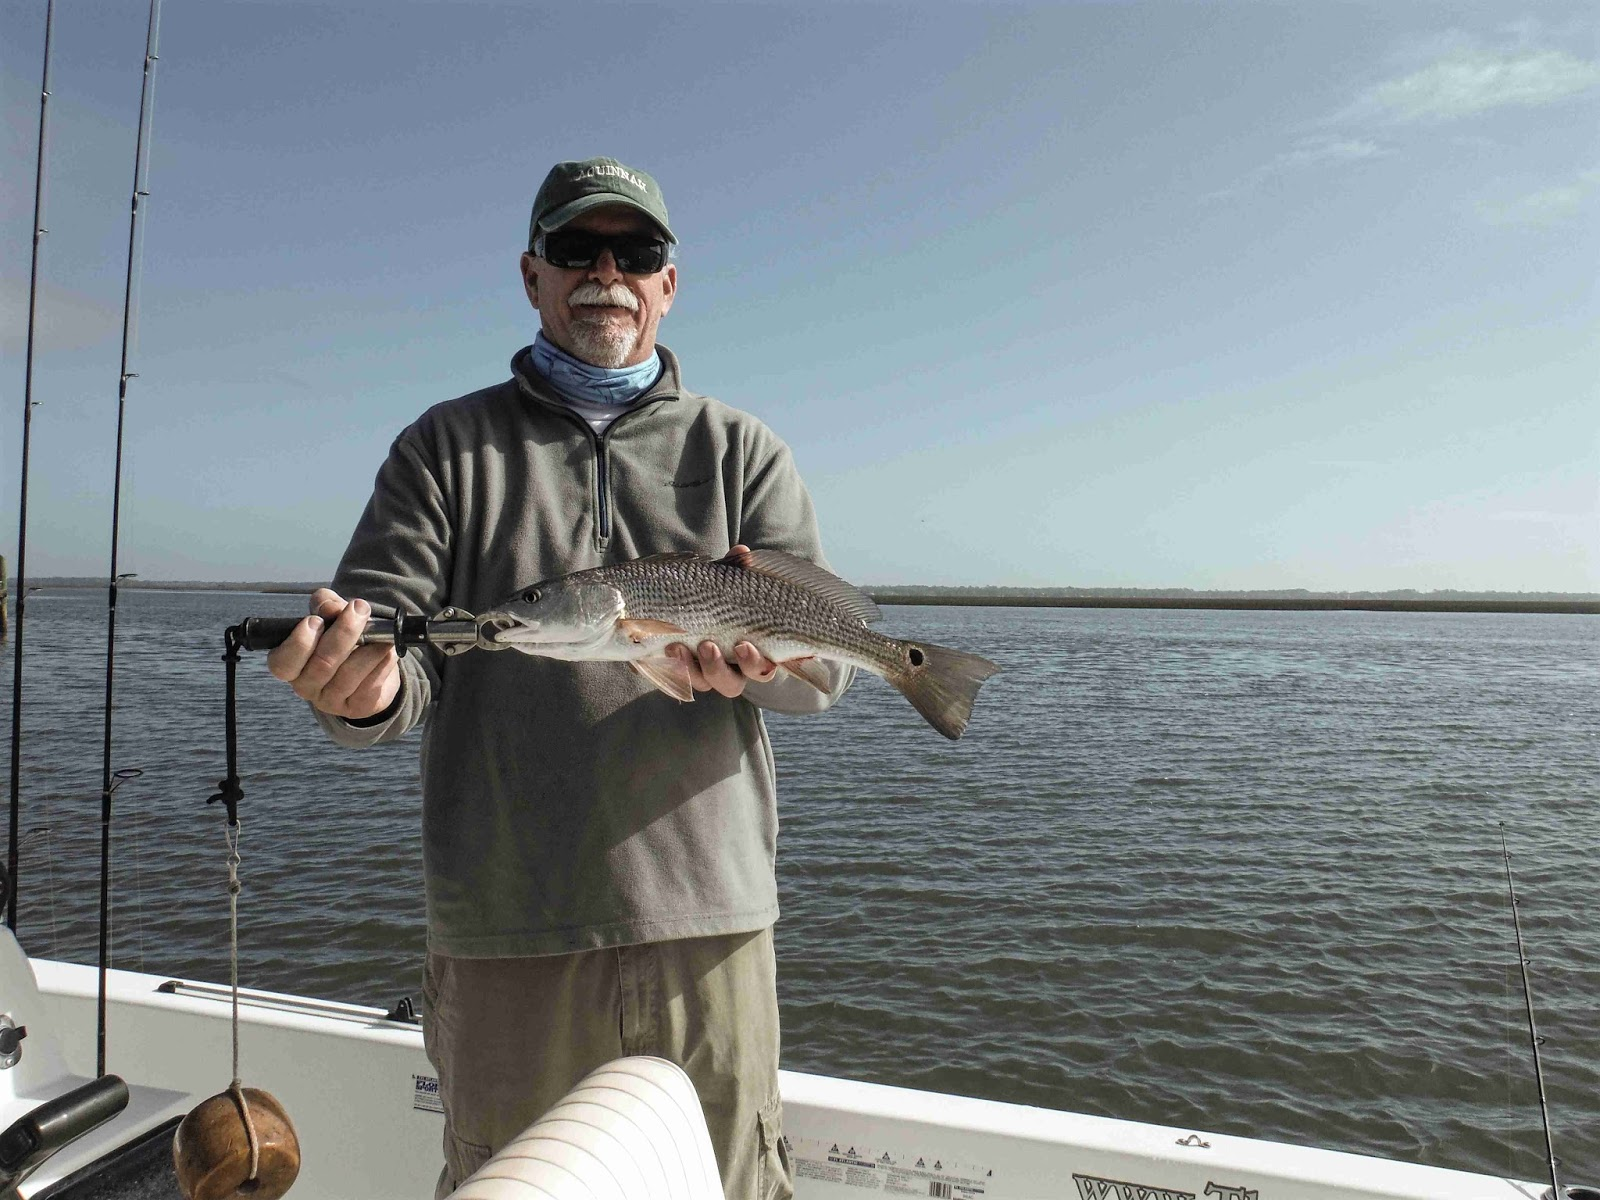 Amelia island fishing reports bucket list and trout for Amelia island fishing report